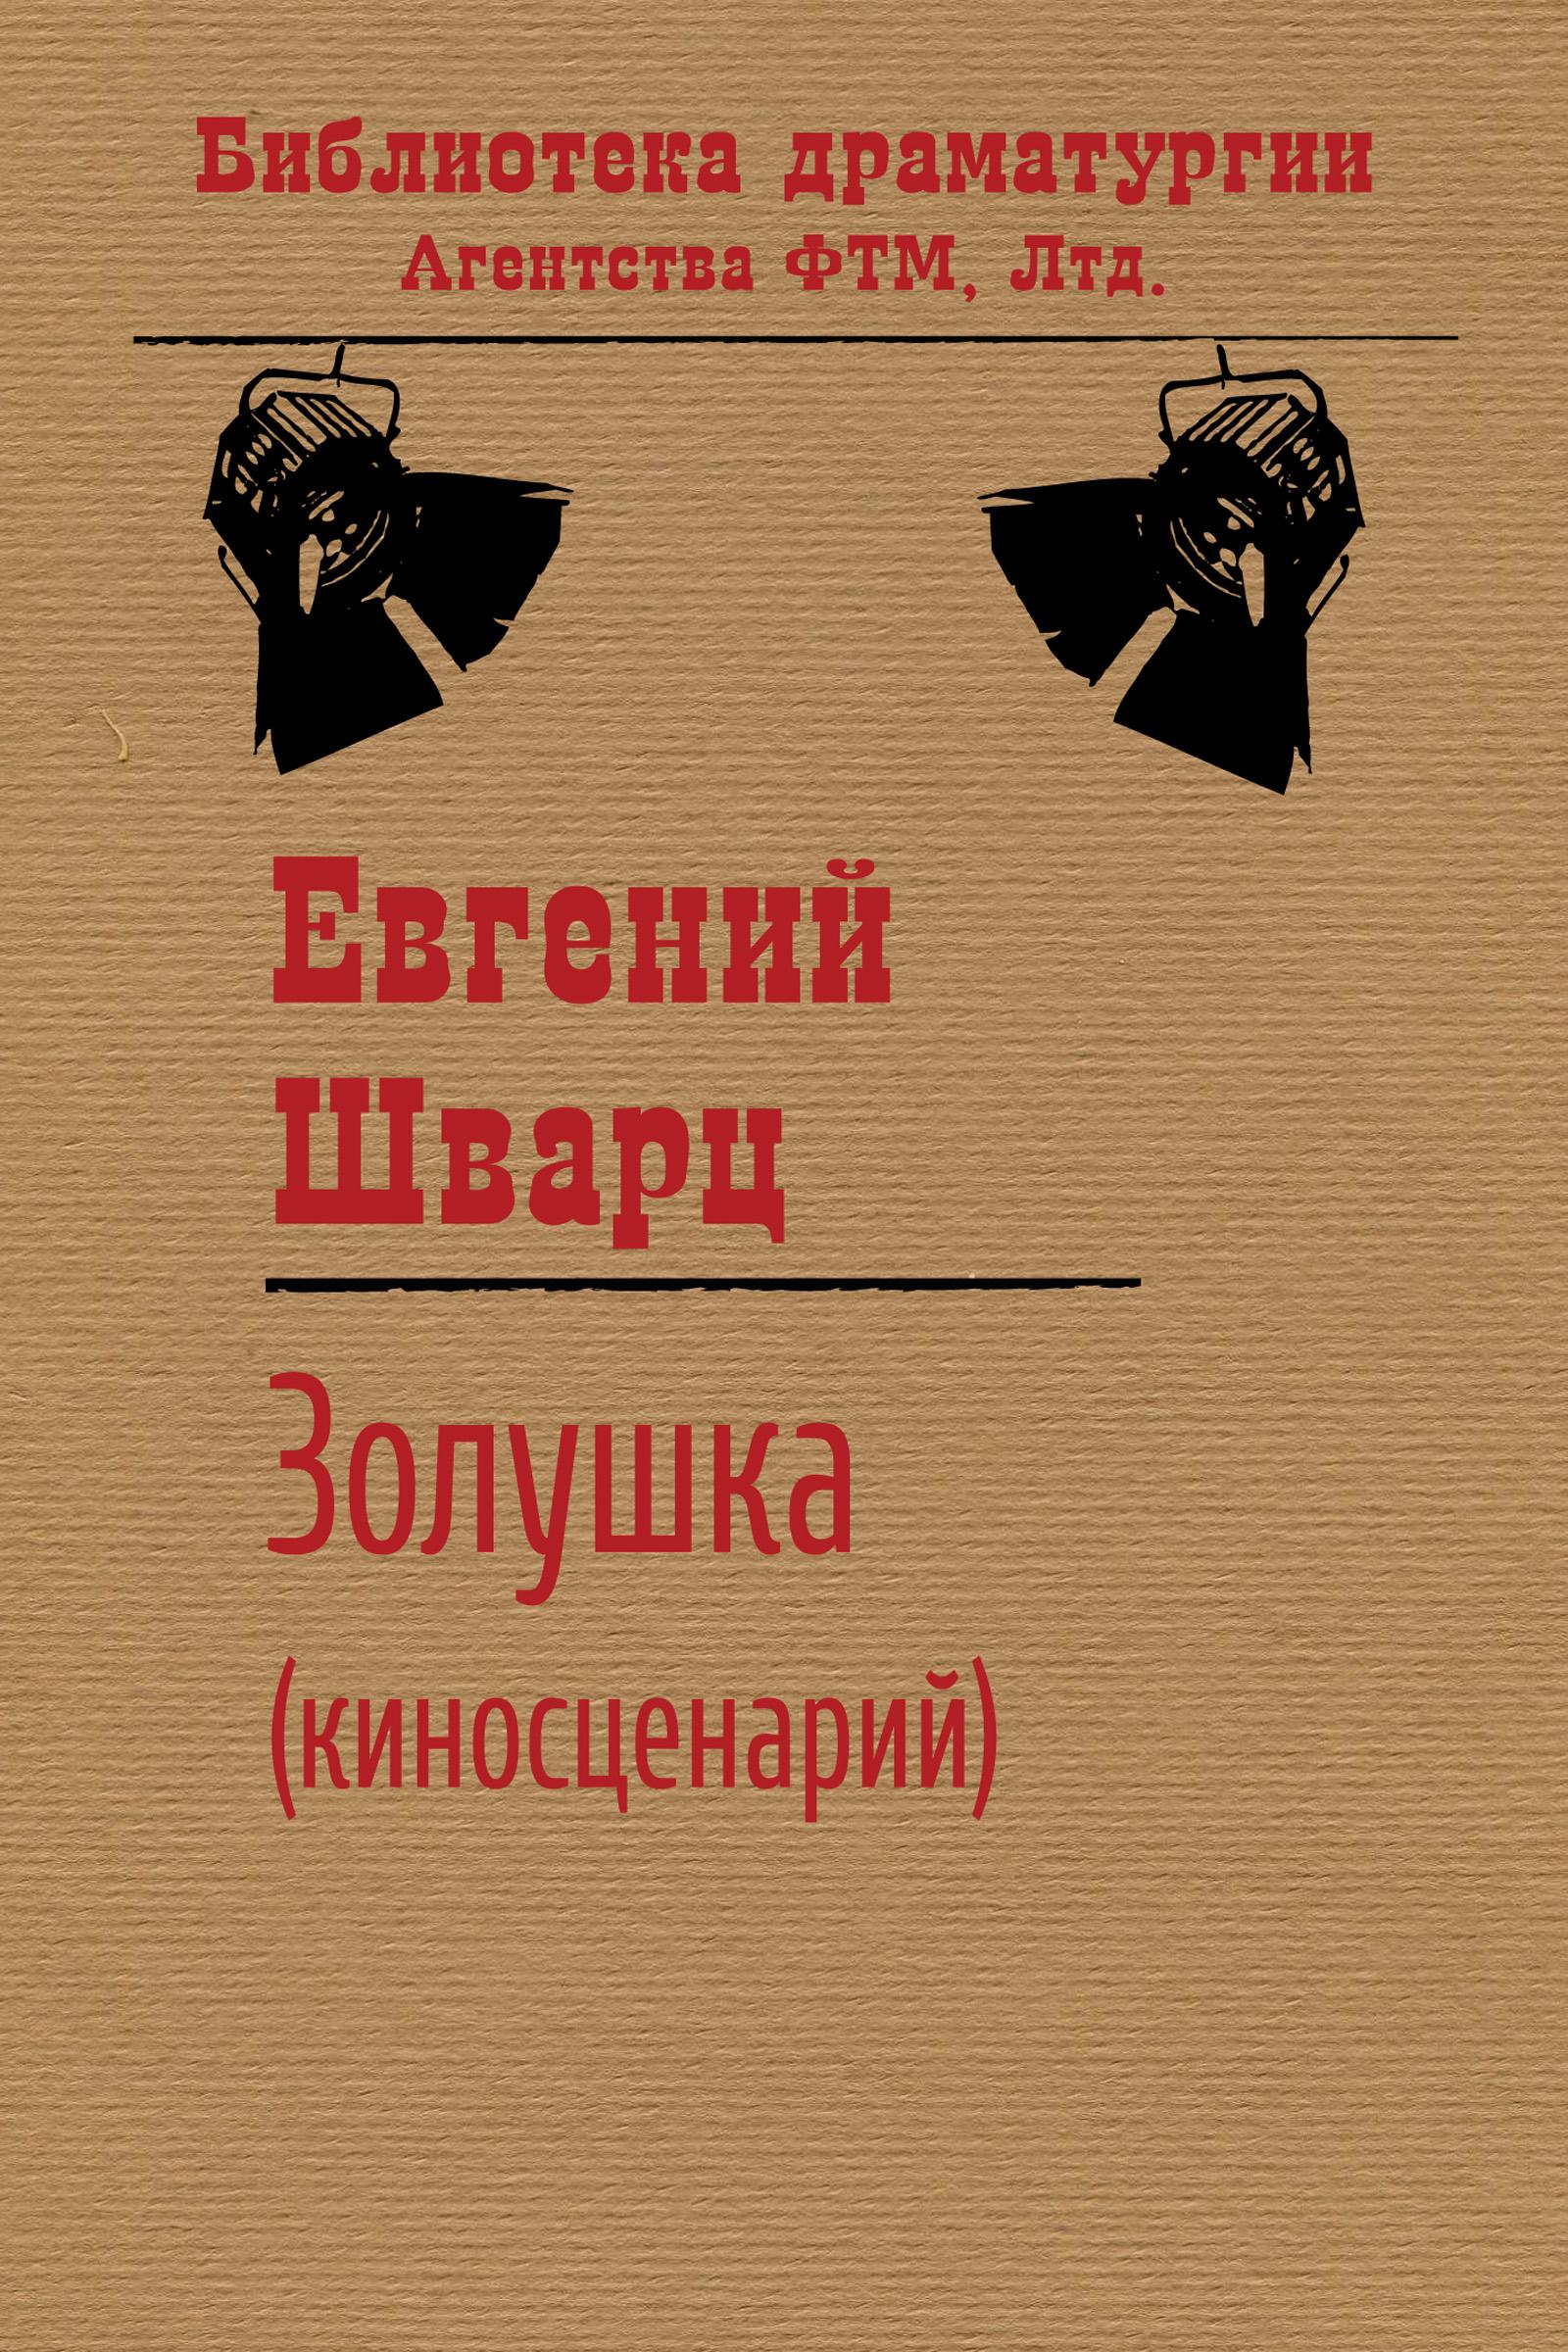 Евгений Шварц Золушка золушка новогодний бал 2018 12 31t13 00